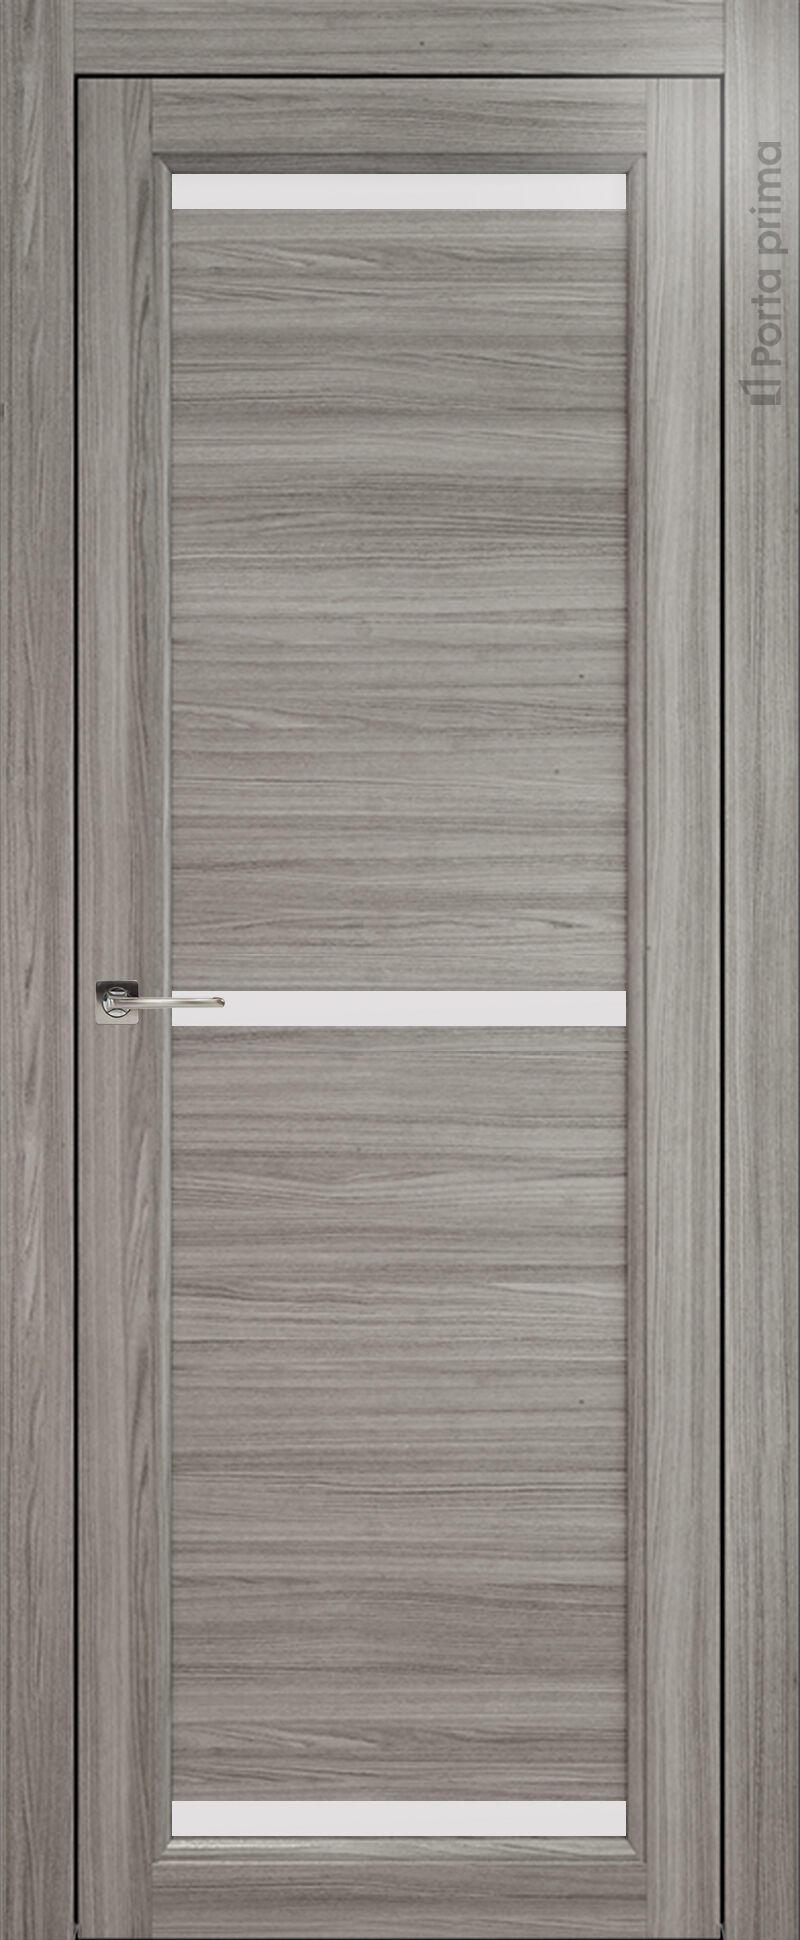 Sorrento-R Е3 цвет - Орех пепельный Без стекла (ДГ)